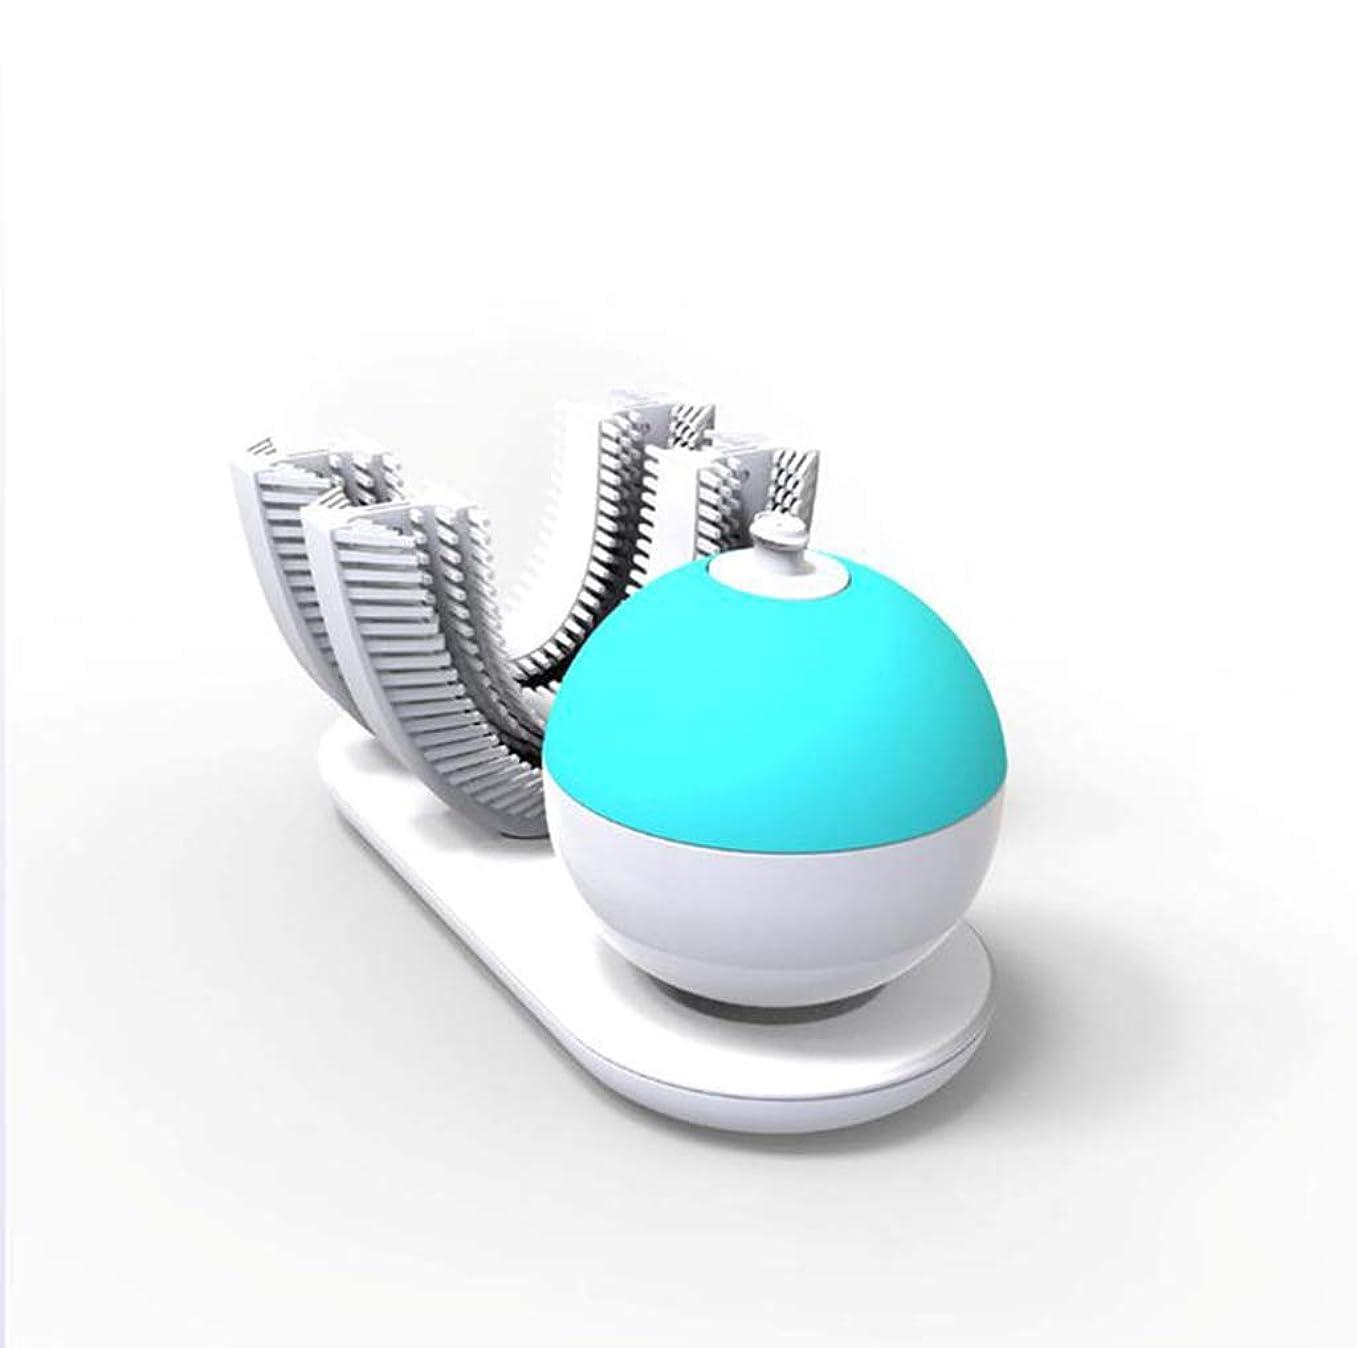 恵みインゲン組み込む360度自動歯ブラシ、電動歯ブラシ、ビジネスの人々に適したワイヤレス充電式